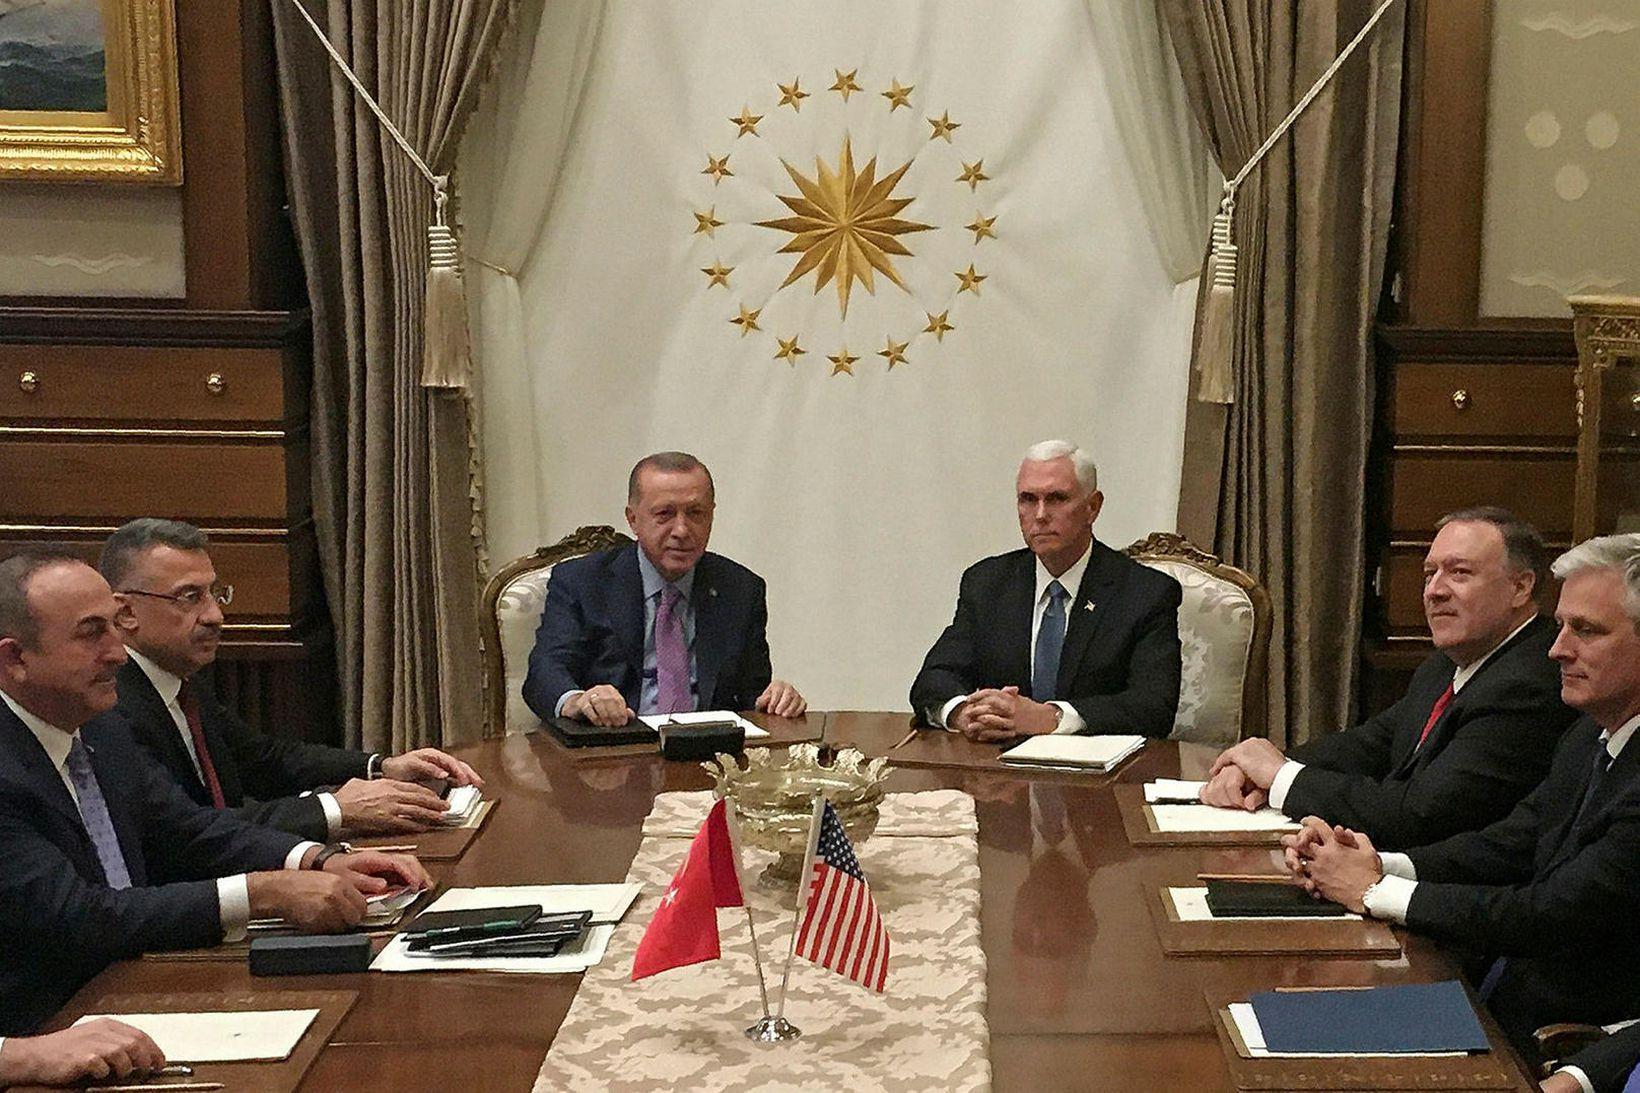 Recep Tayyip Erdogan, forseti Tyrklands og Mike Pence, varaforseti Bandaríkjanna …